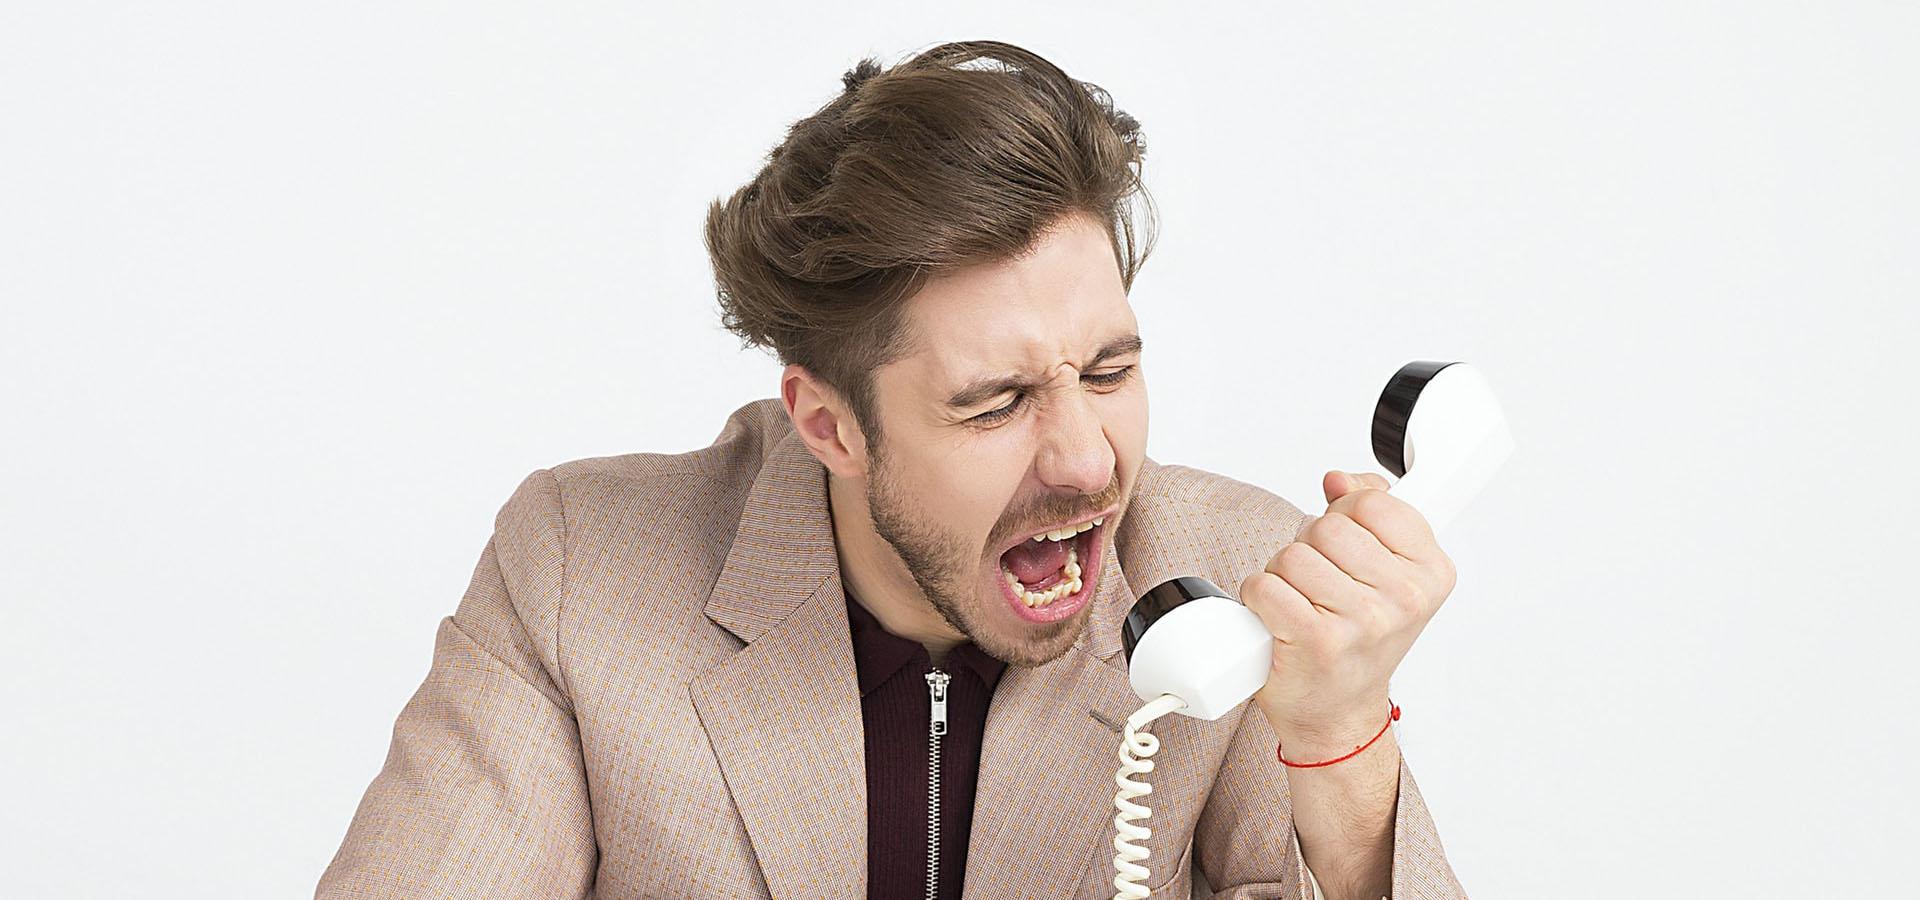 Man Screaming down telephone